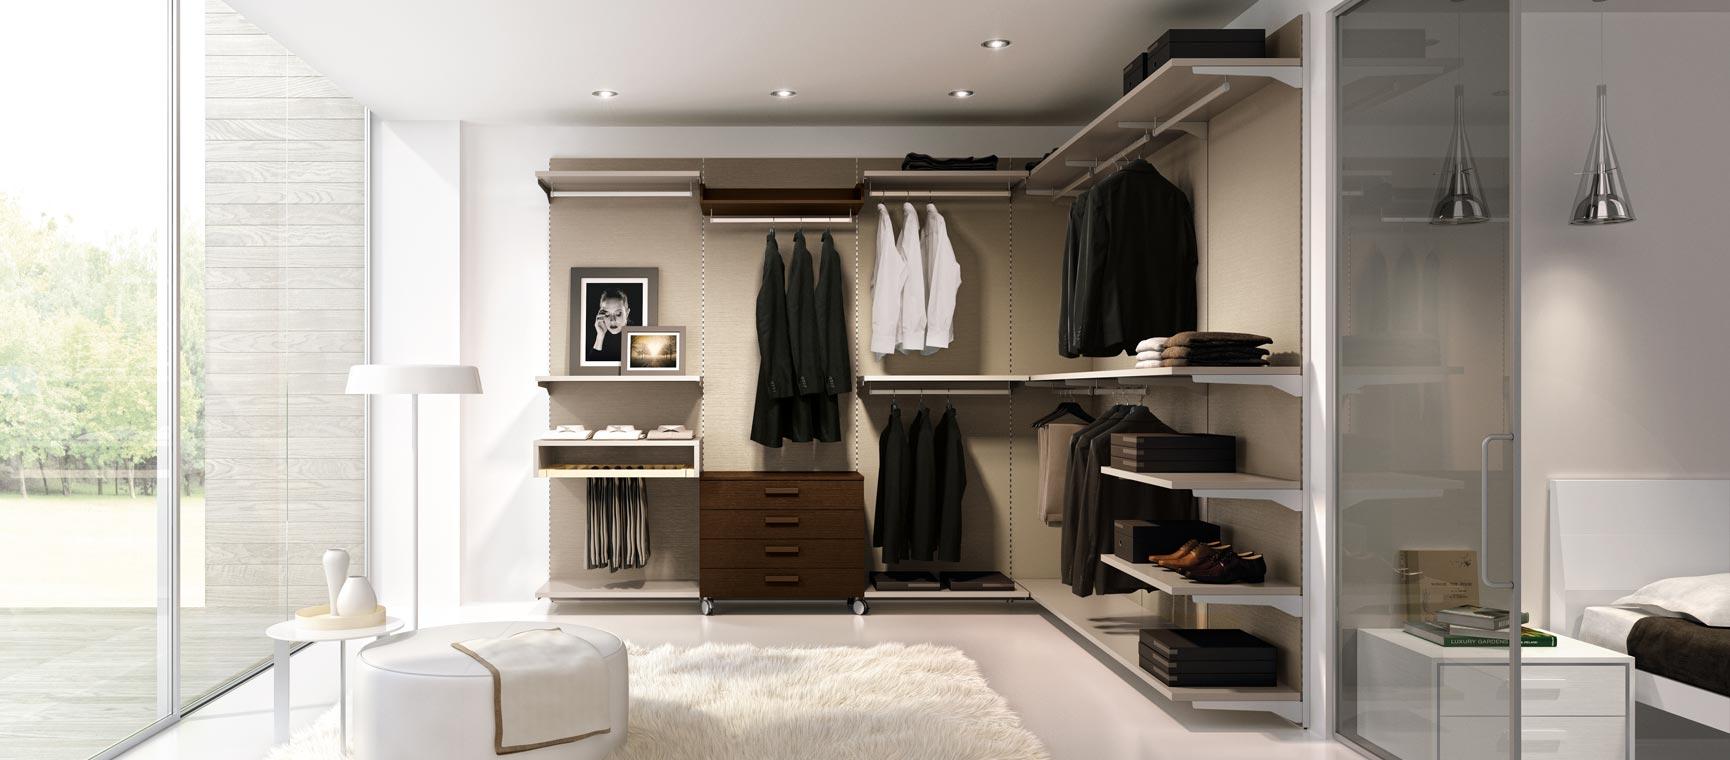 come mettere in ordine l'armadio